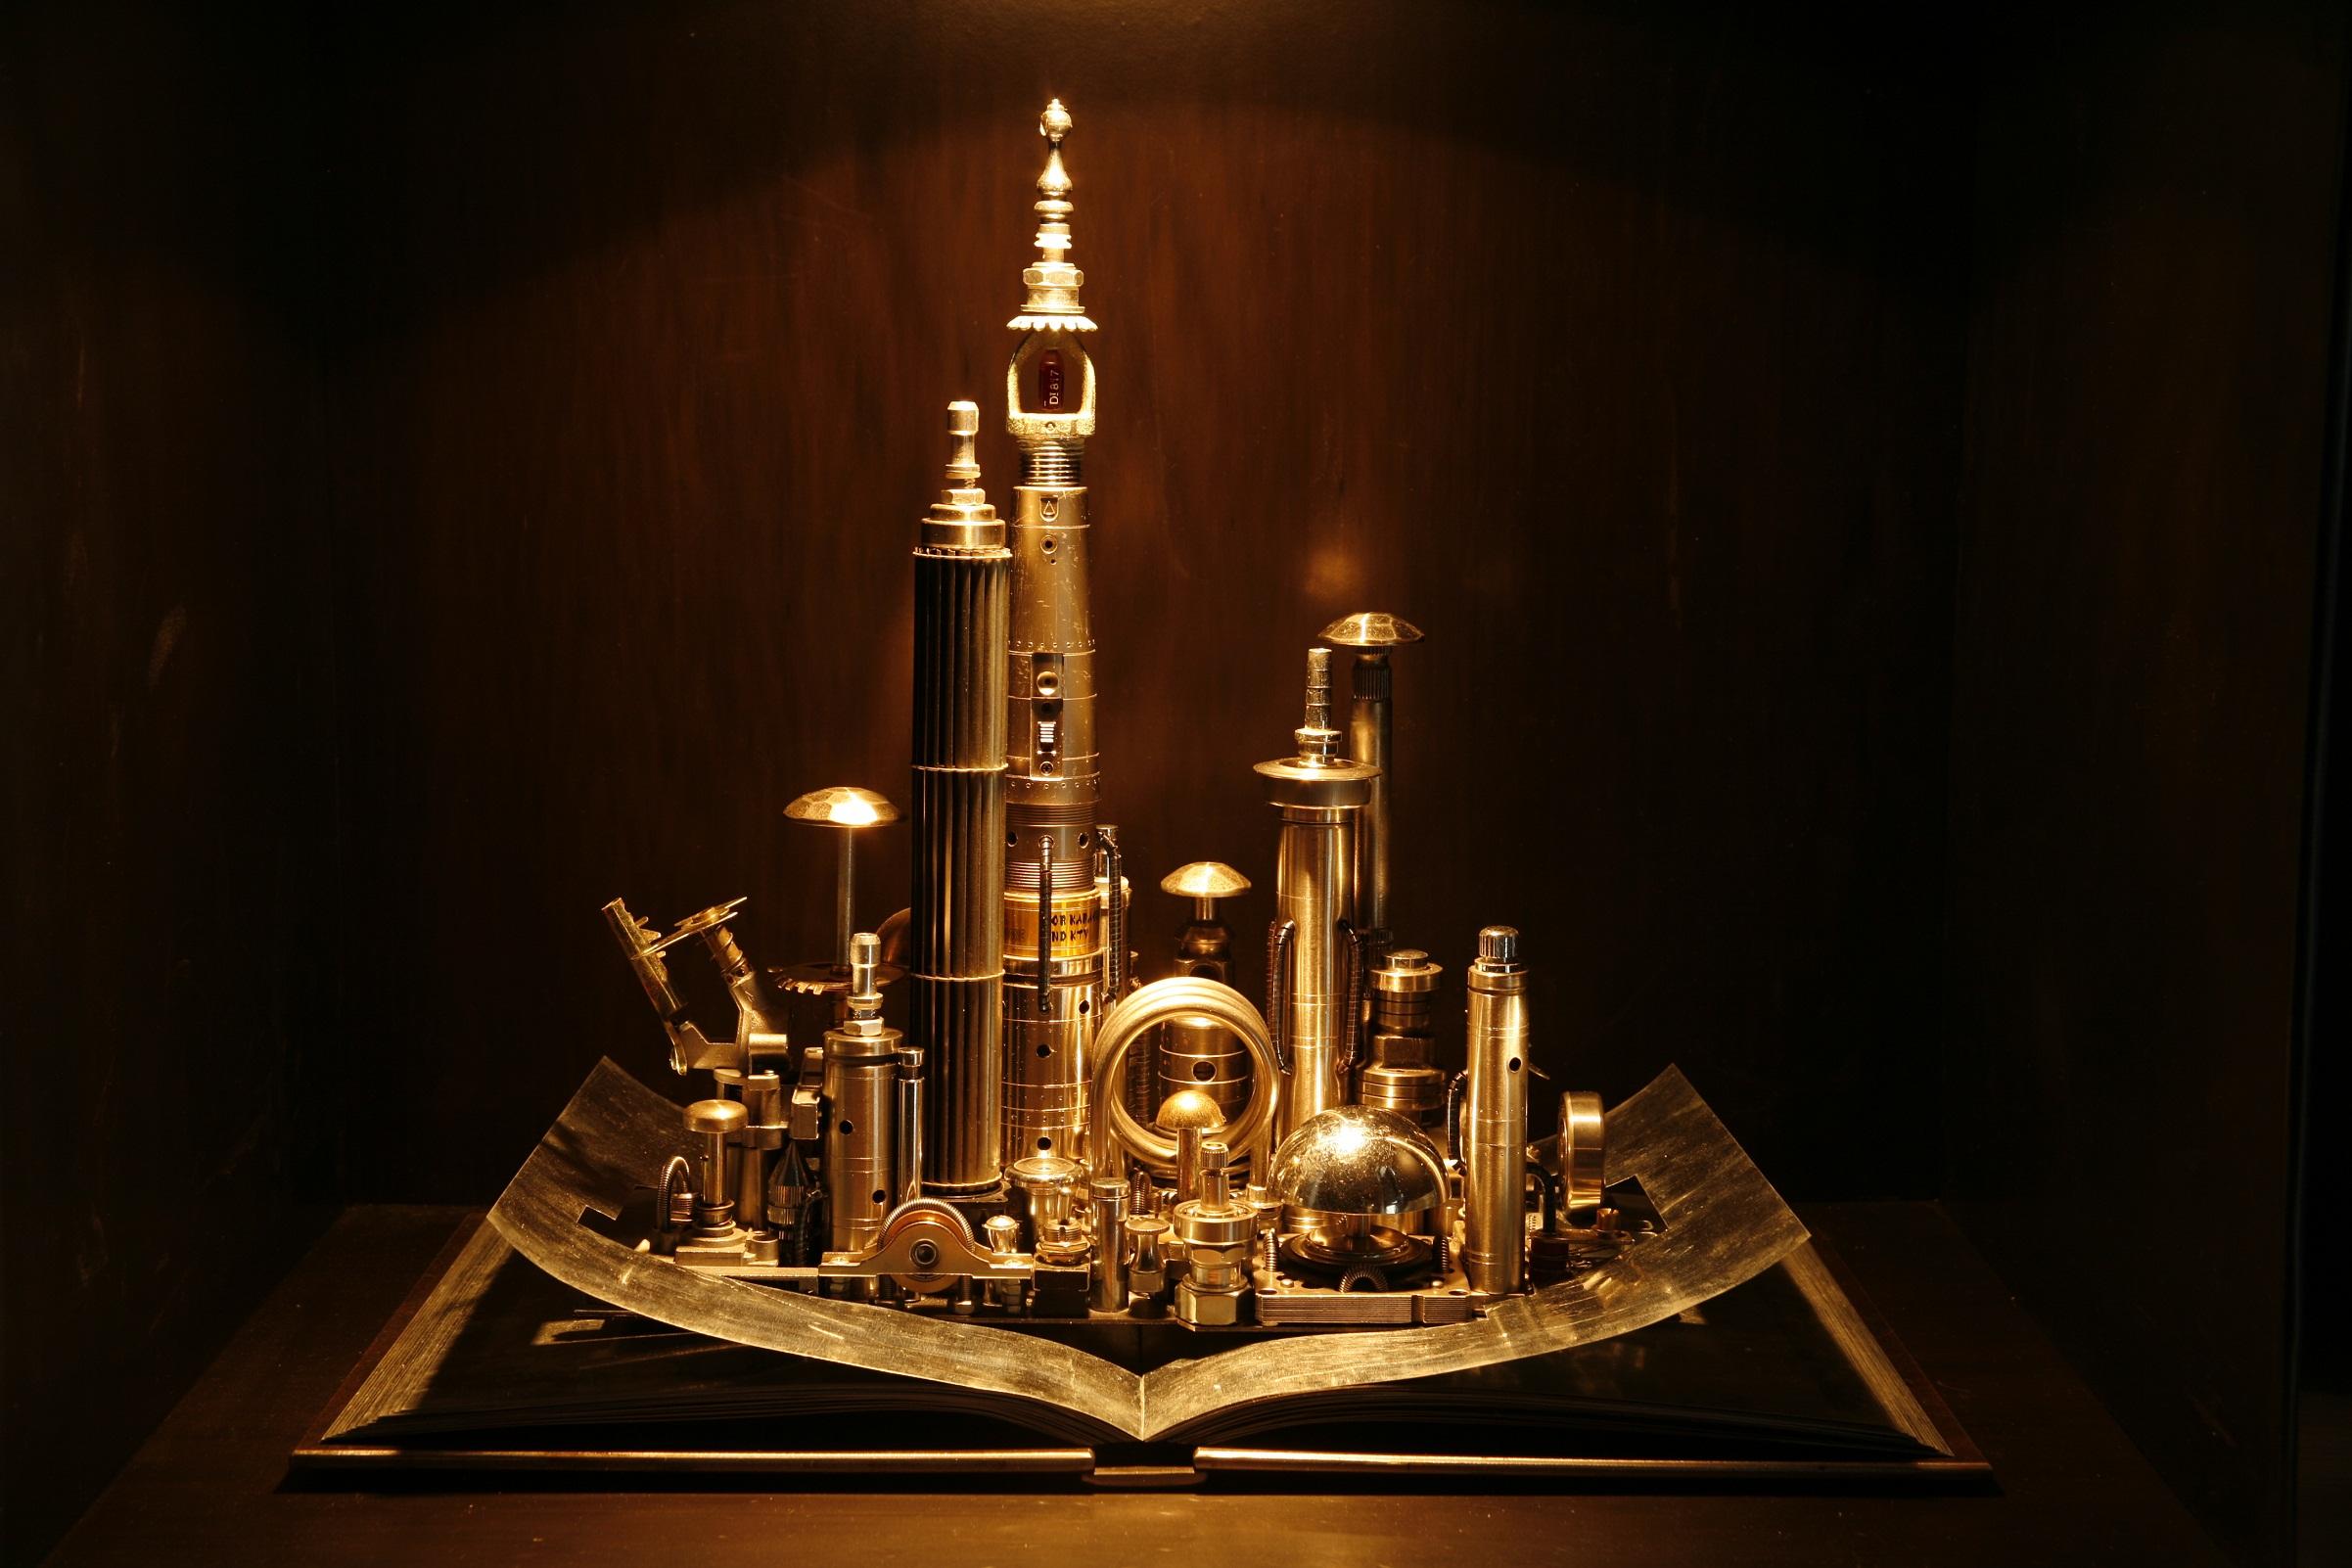 书中自有黄金屋 书中自有颜如玉 书中自有千钟黍的意思